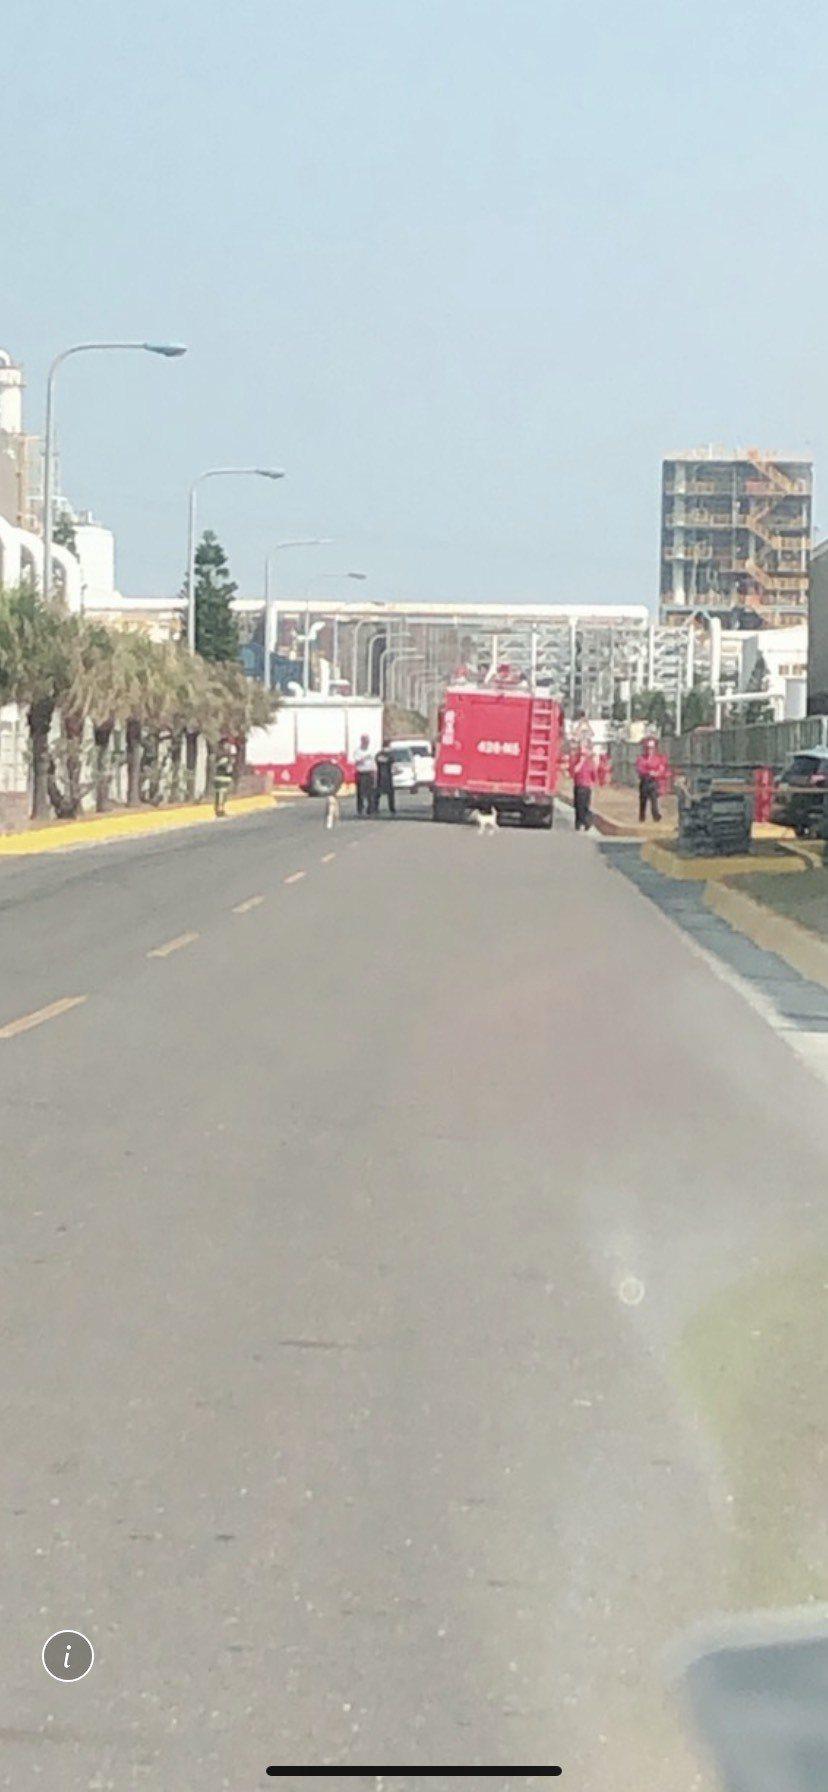 3天前才火警造成一人受傷的六輕煉一廠廠房,今再冒出火光,消防車也趕到現場,幸只是...